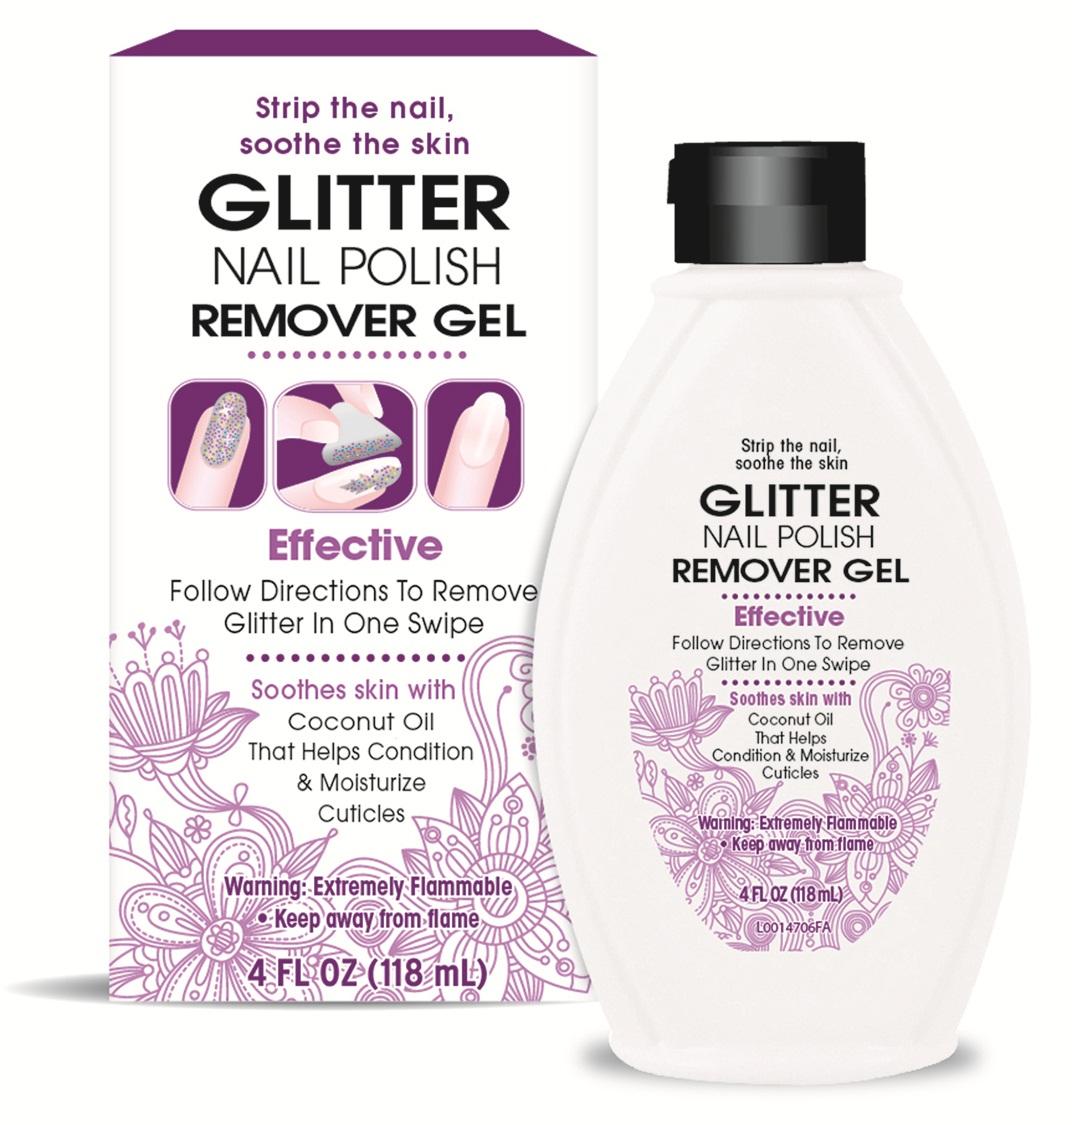 glitter nail polish remover